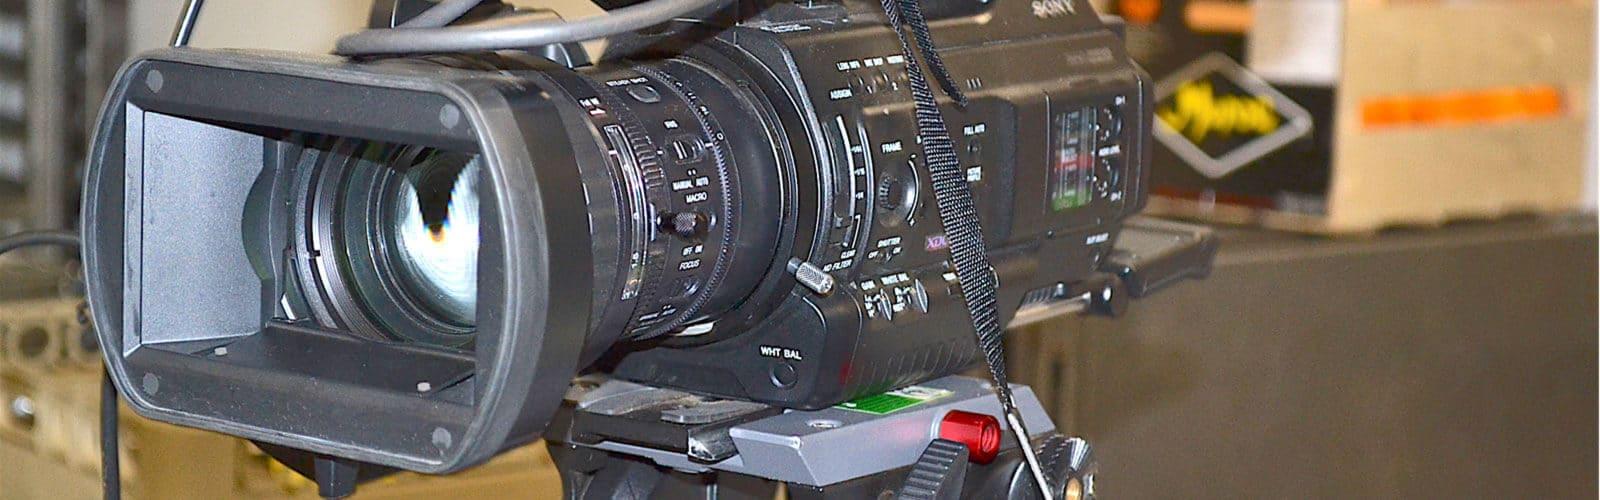 slides-mme-camera2